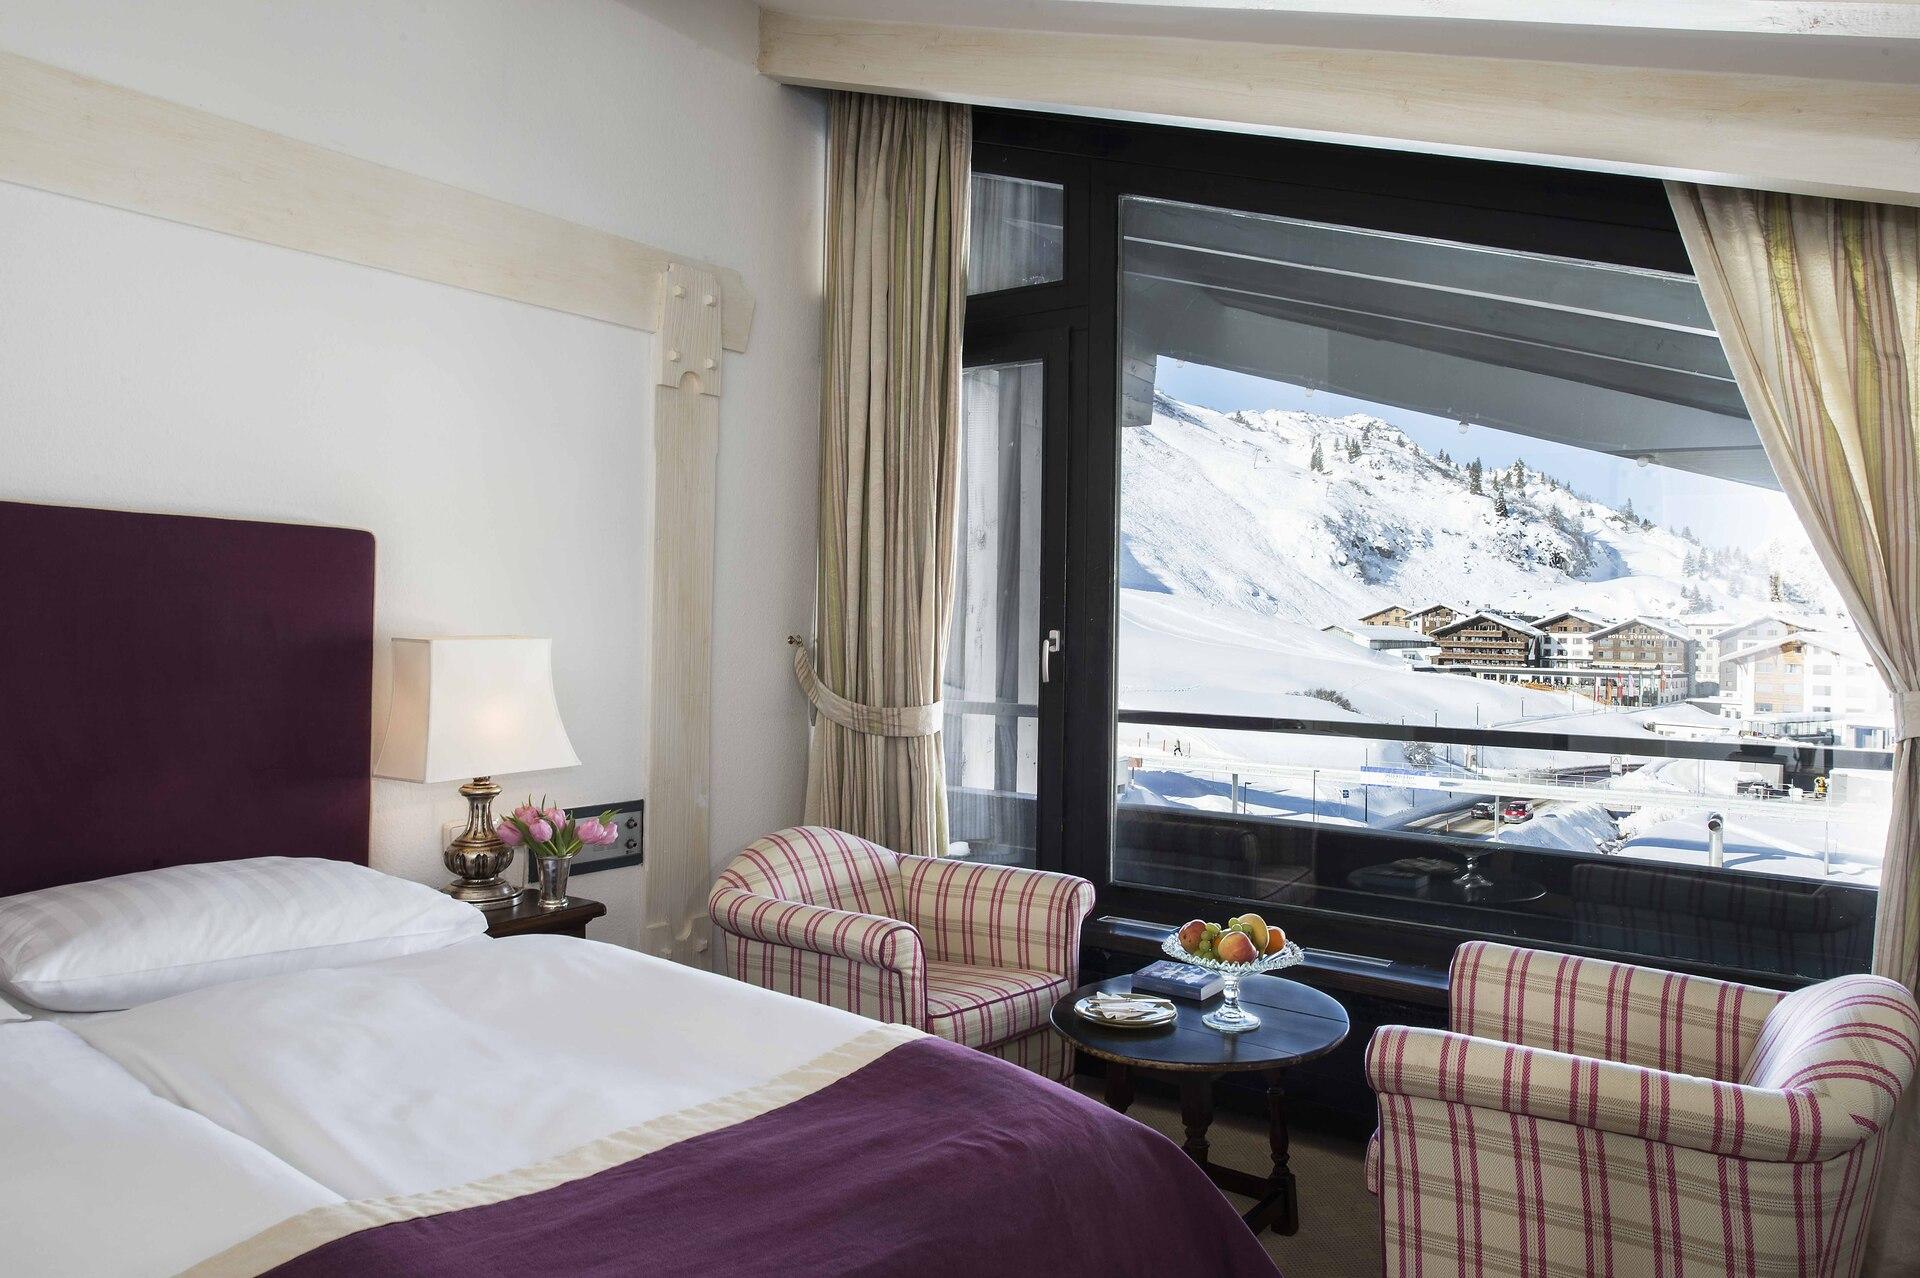 Doppelzimmer Schlafzimmer mit Balkon